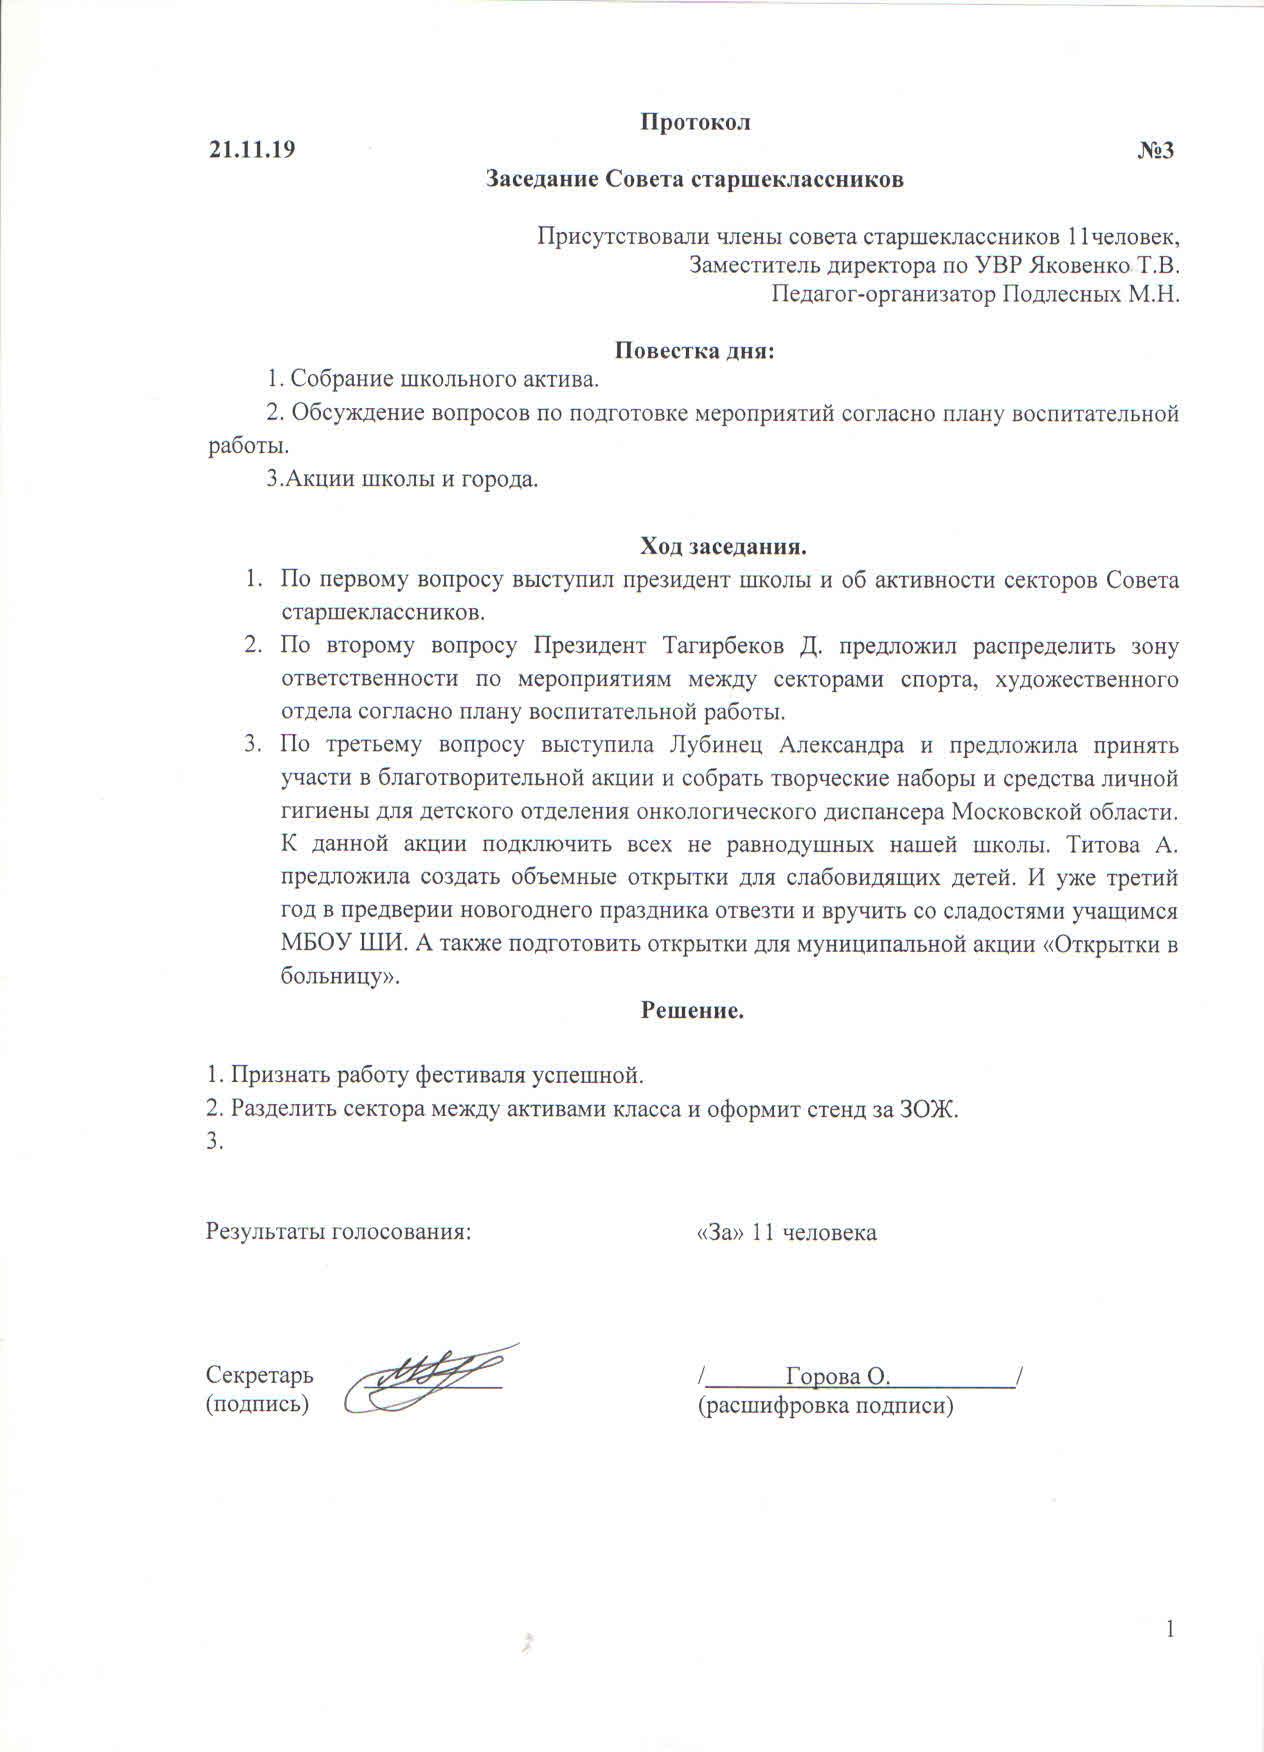 Протокол заседания Совета старшеклассников № 3